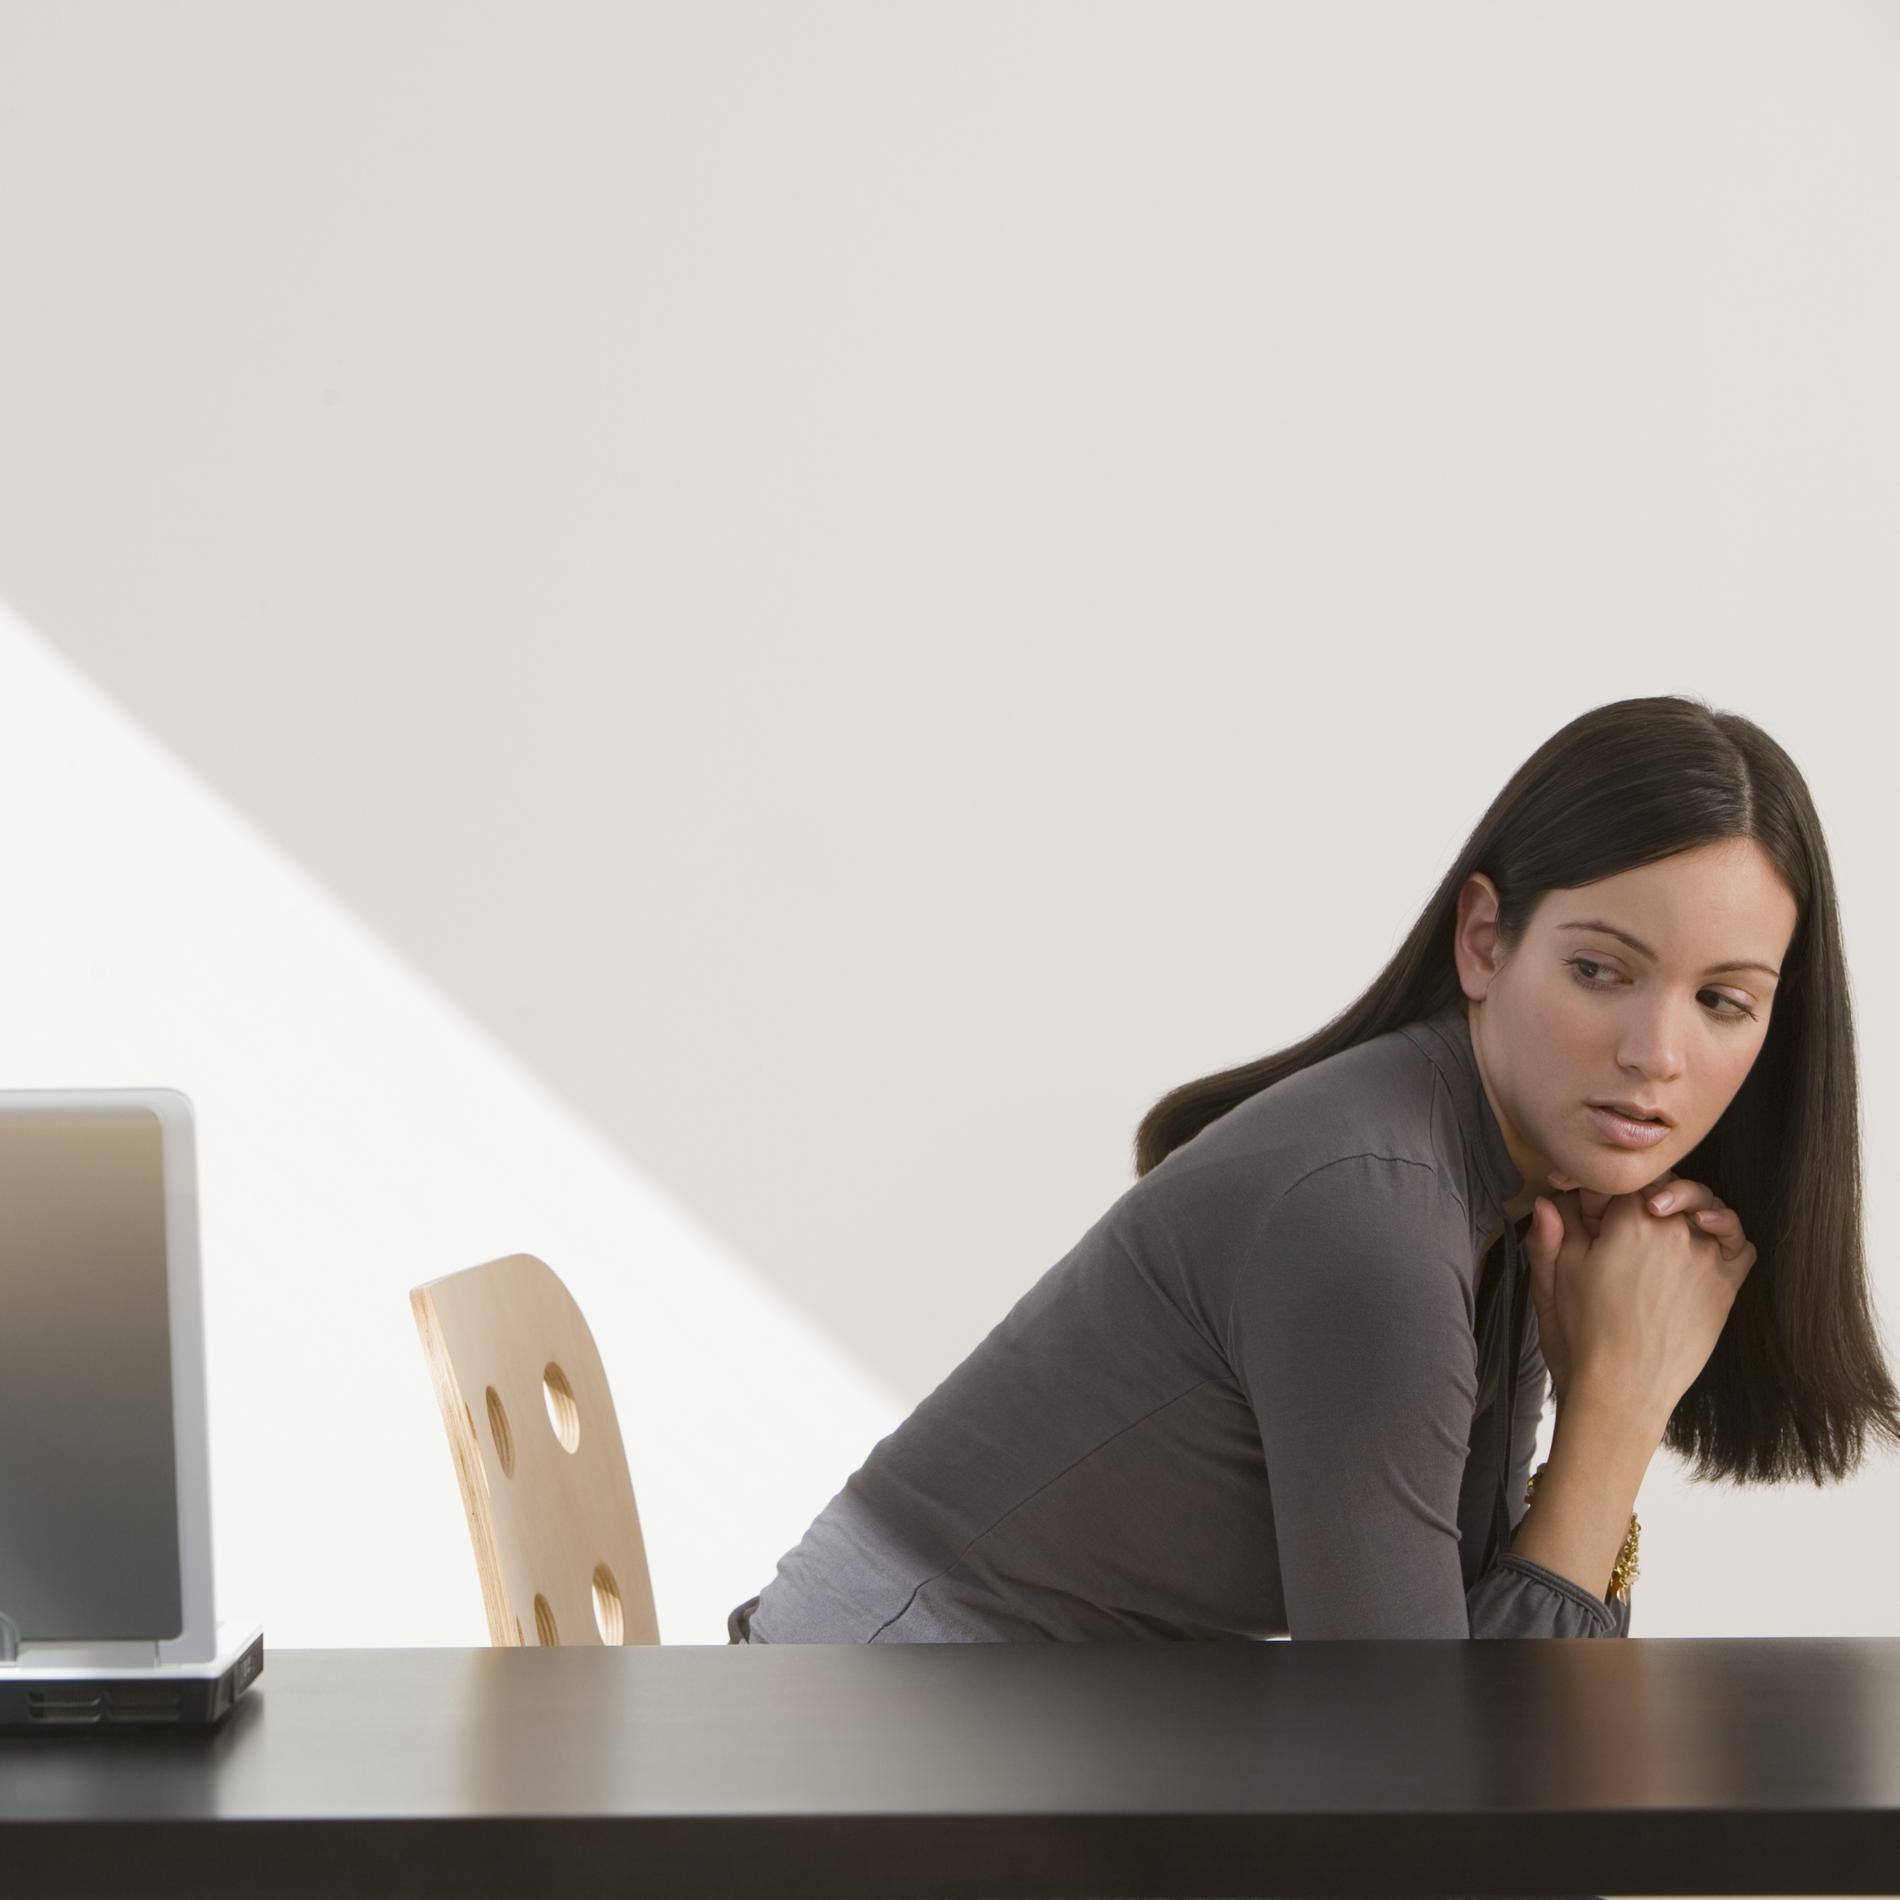 Harcèlement et irrespect sur les sites de rencontres | Egal'actu